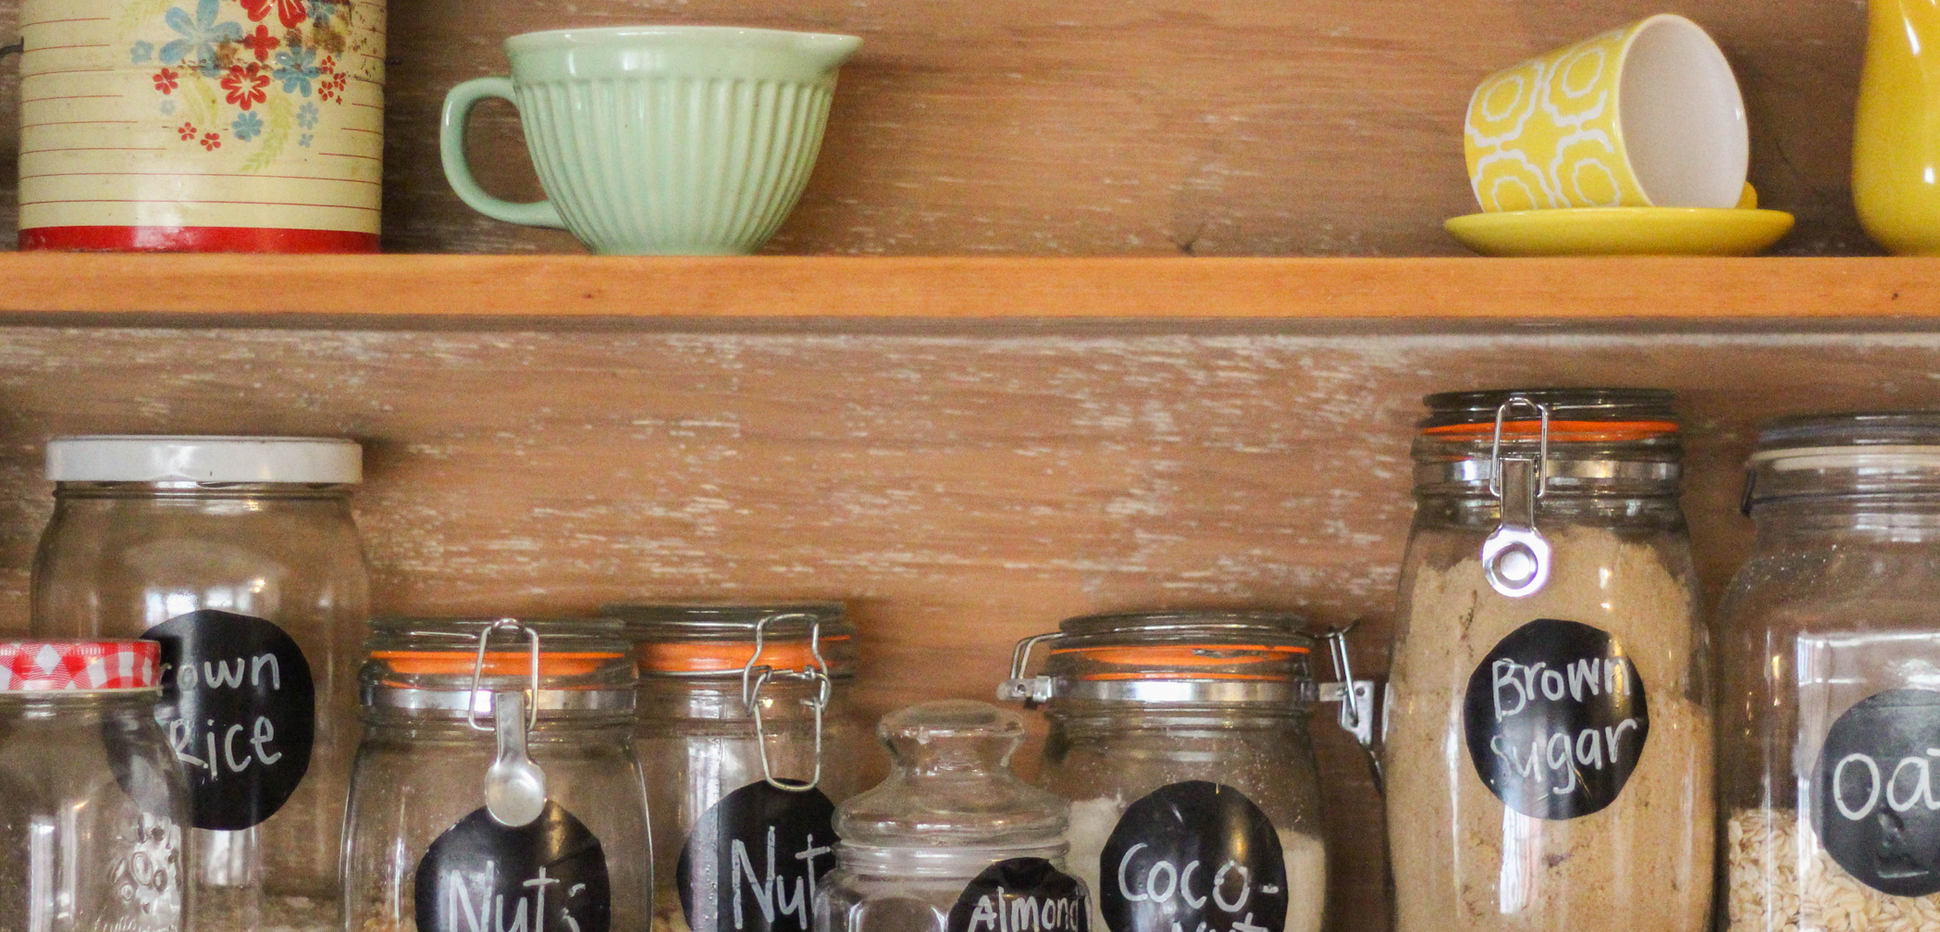 Küche einräumen → Lesen Sie 19 Tipps für Ordnung im Schrank, Regal